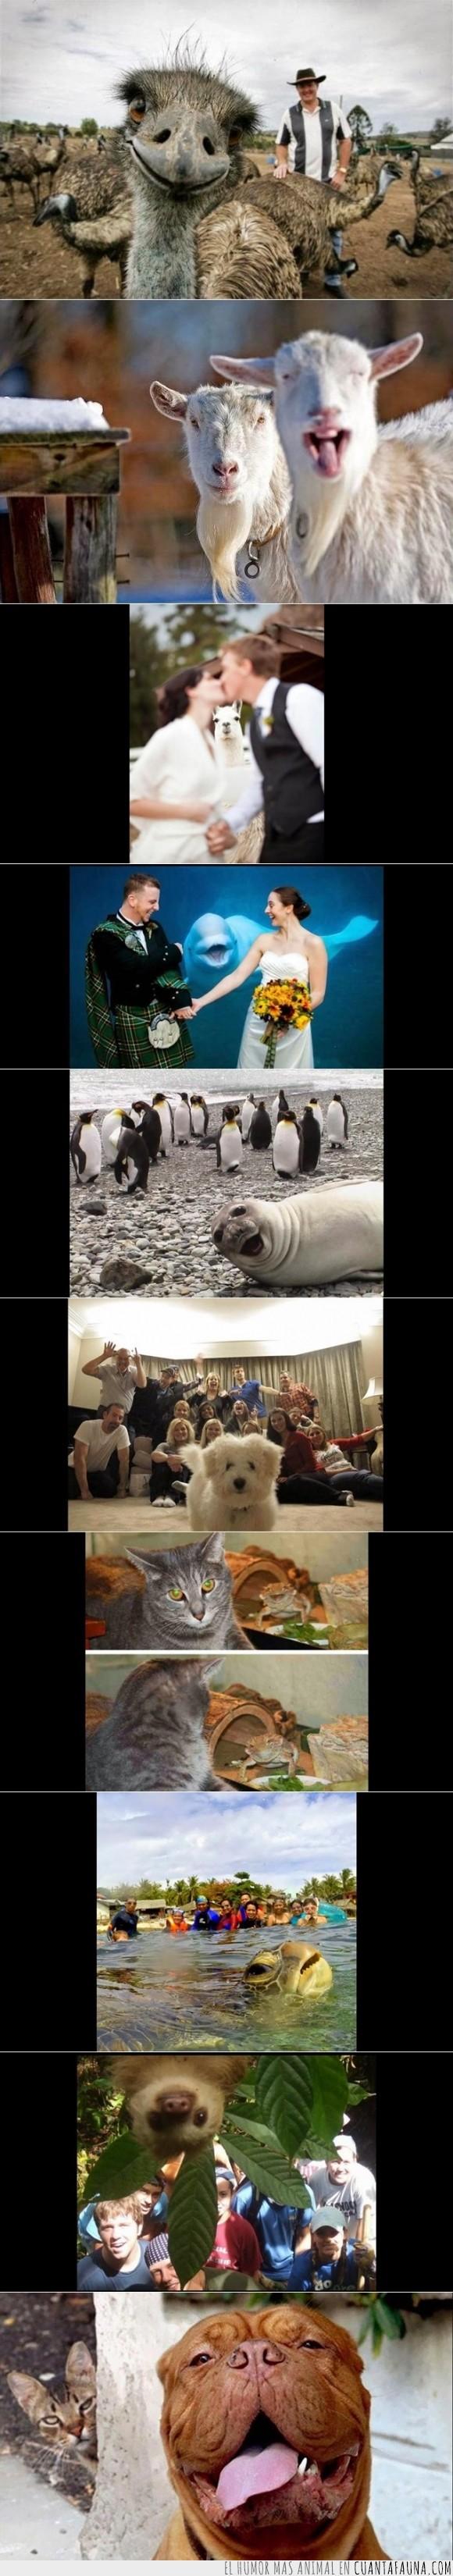 animales,Avestruz,divertidos,en algunos casos arreglan las fotos,estropear,foca,foto,gato,graciosos,inesperada,lagarto,oveja,perro,pingüino,tortuga perezoso